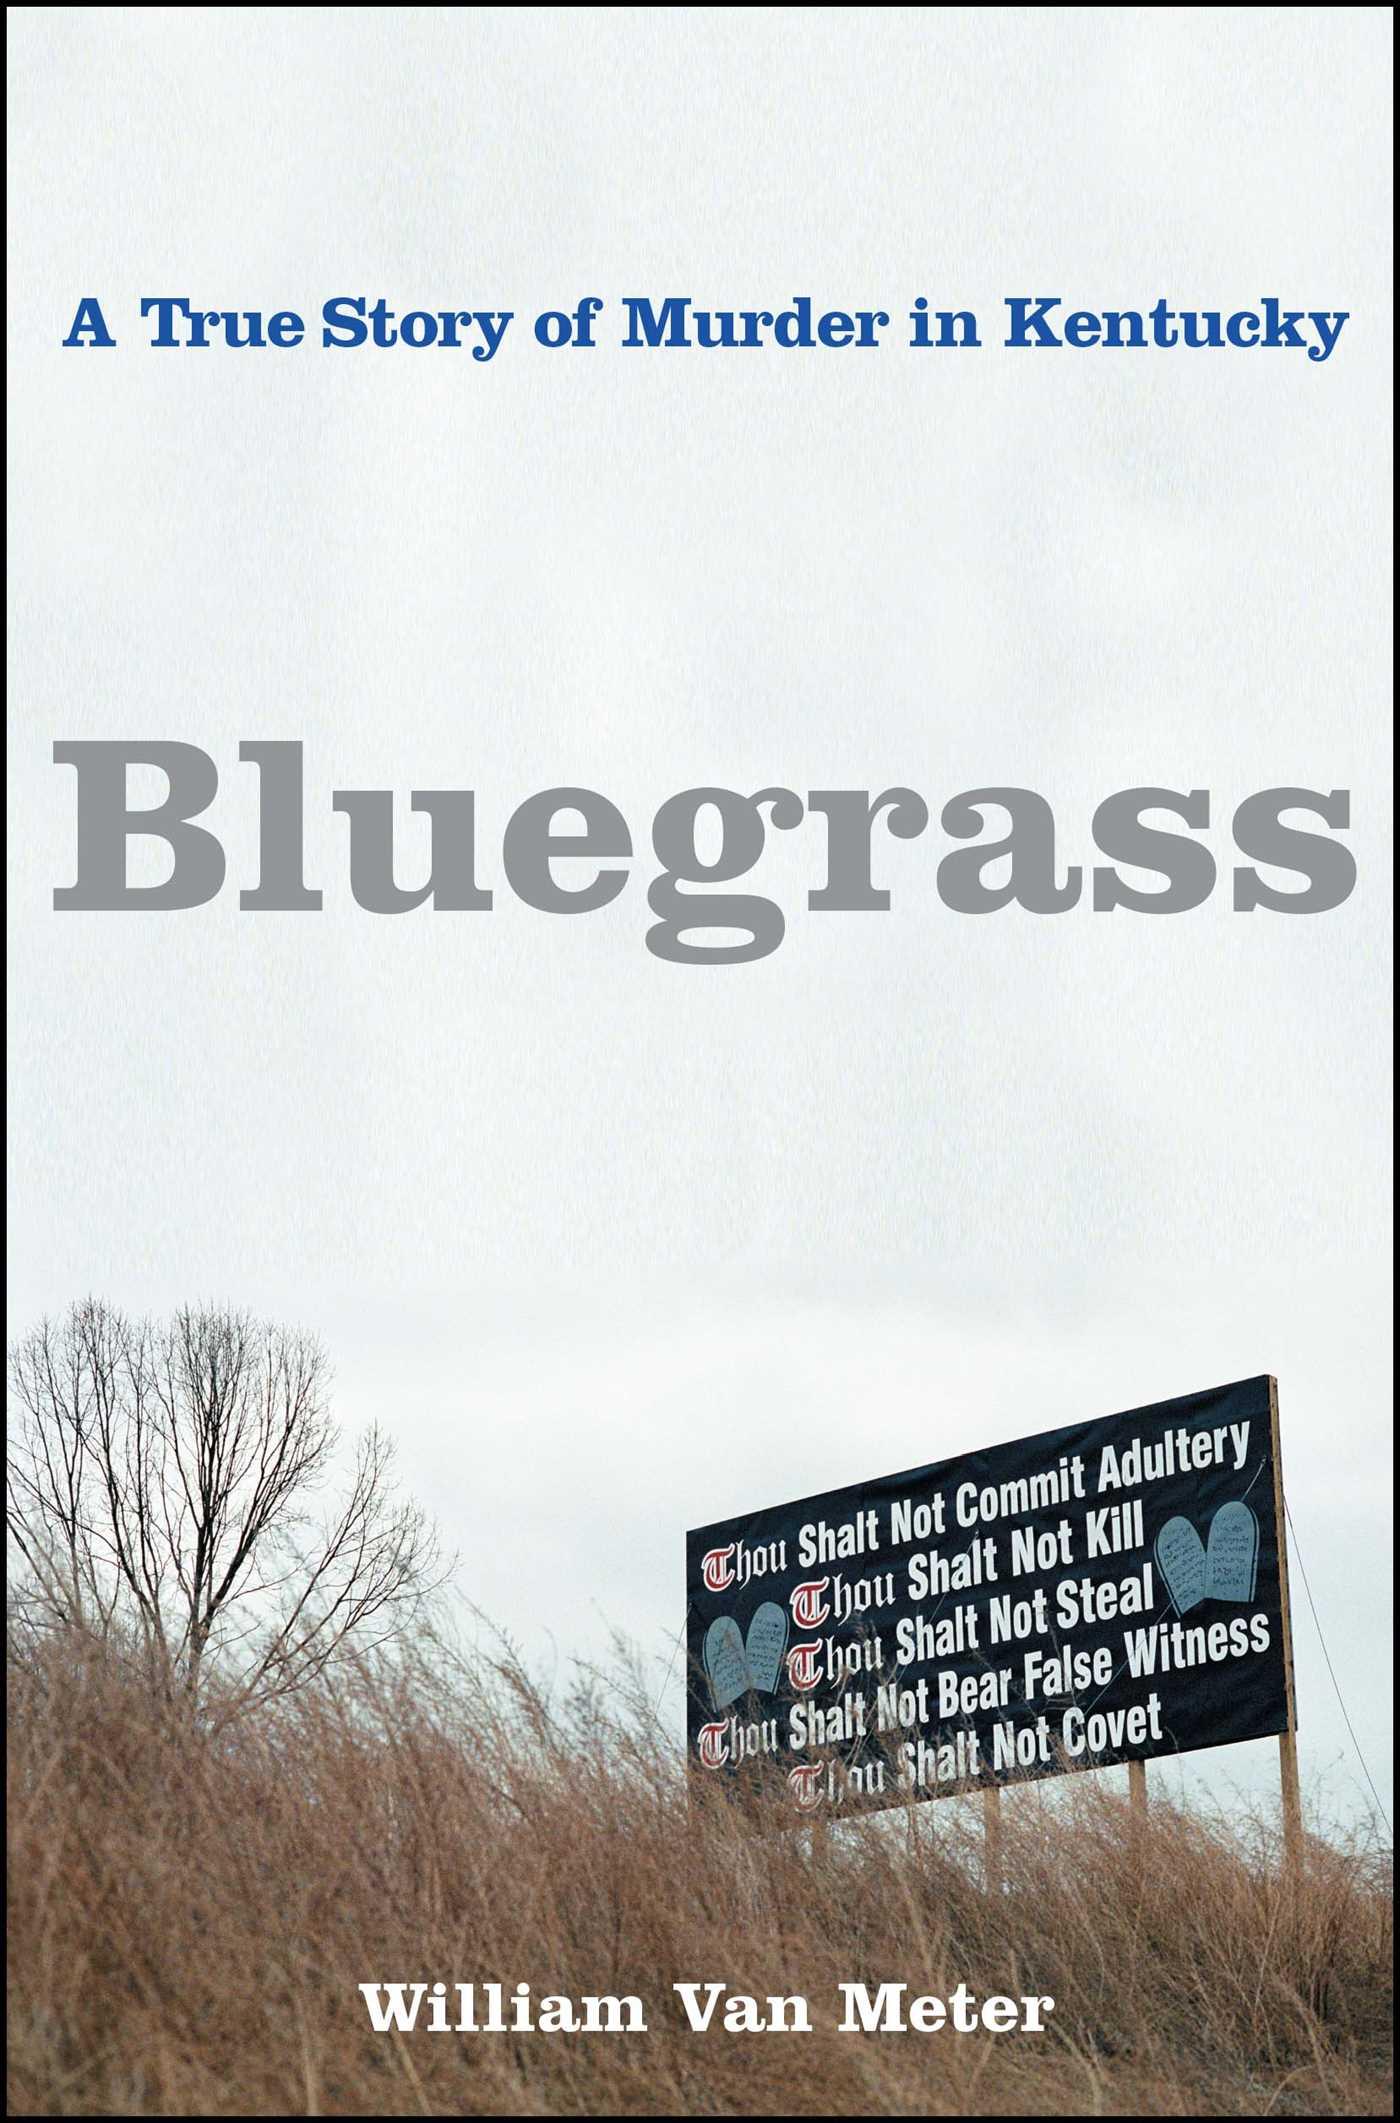 Bluegrass 9781416564430 hr